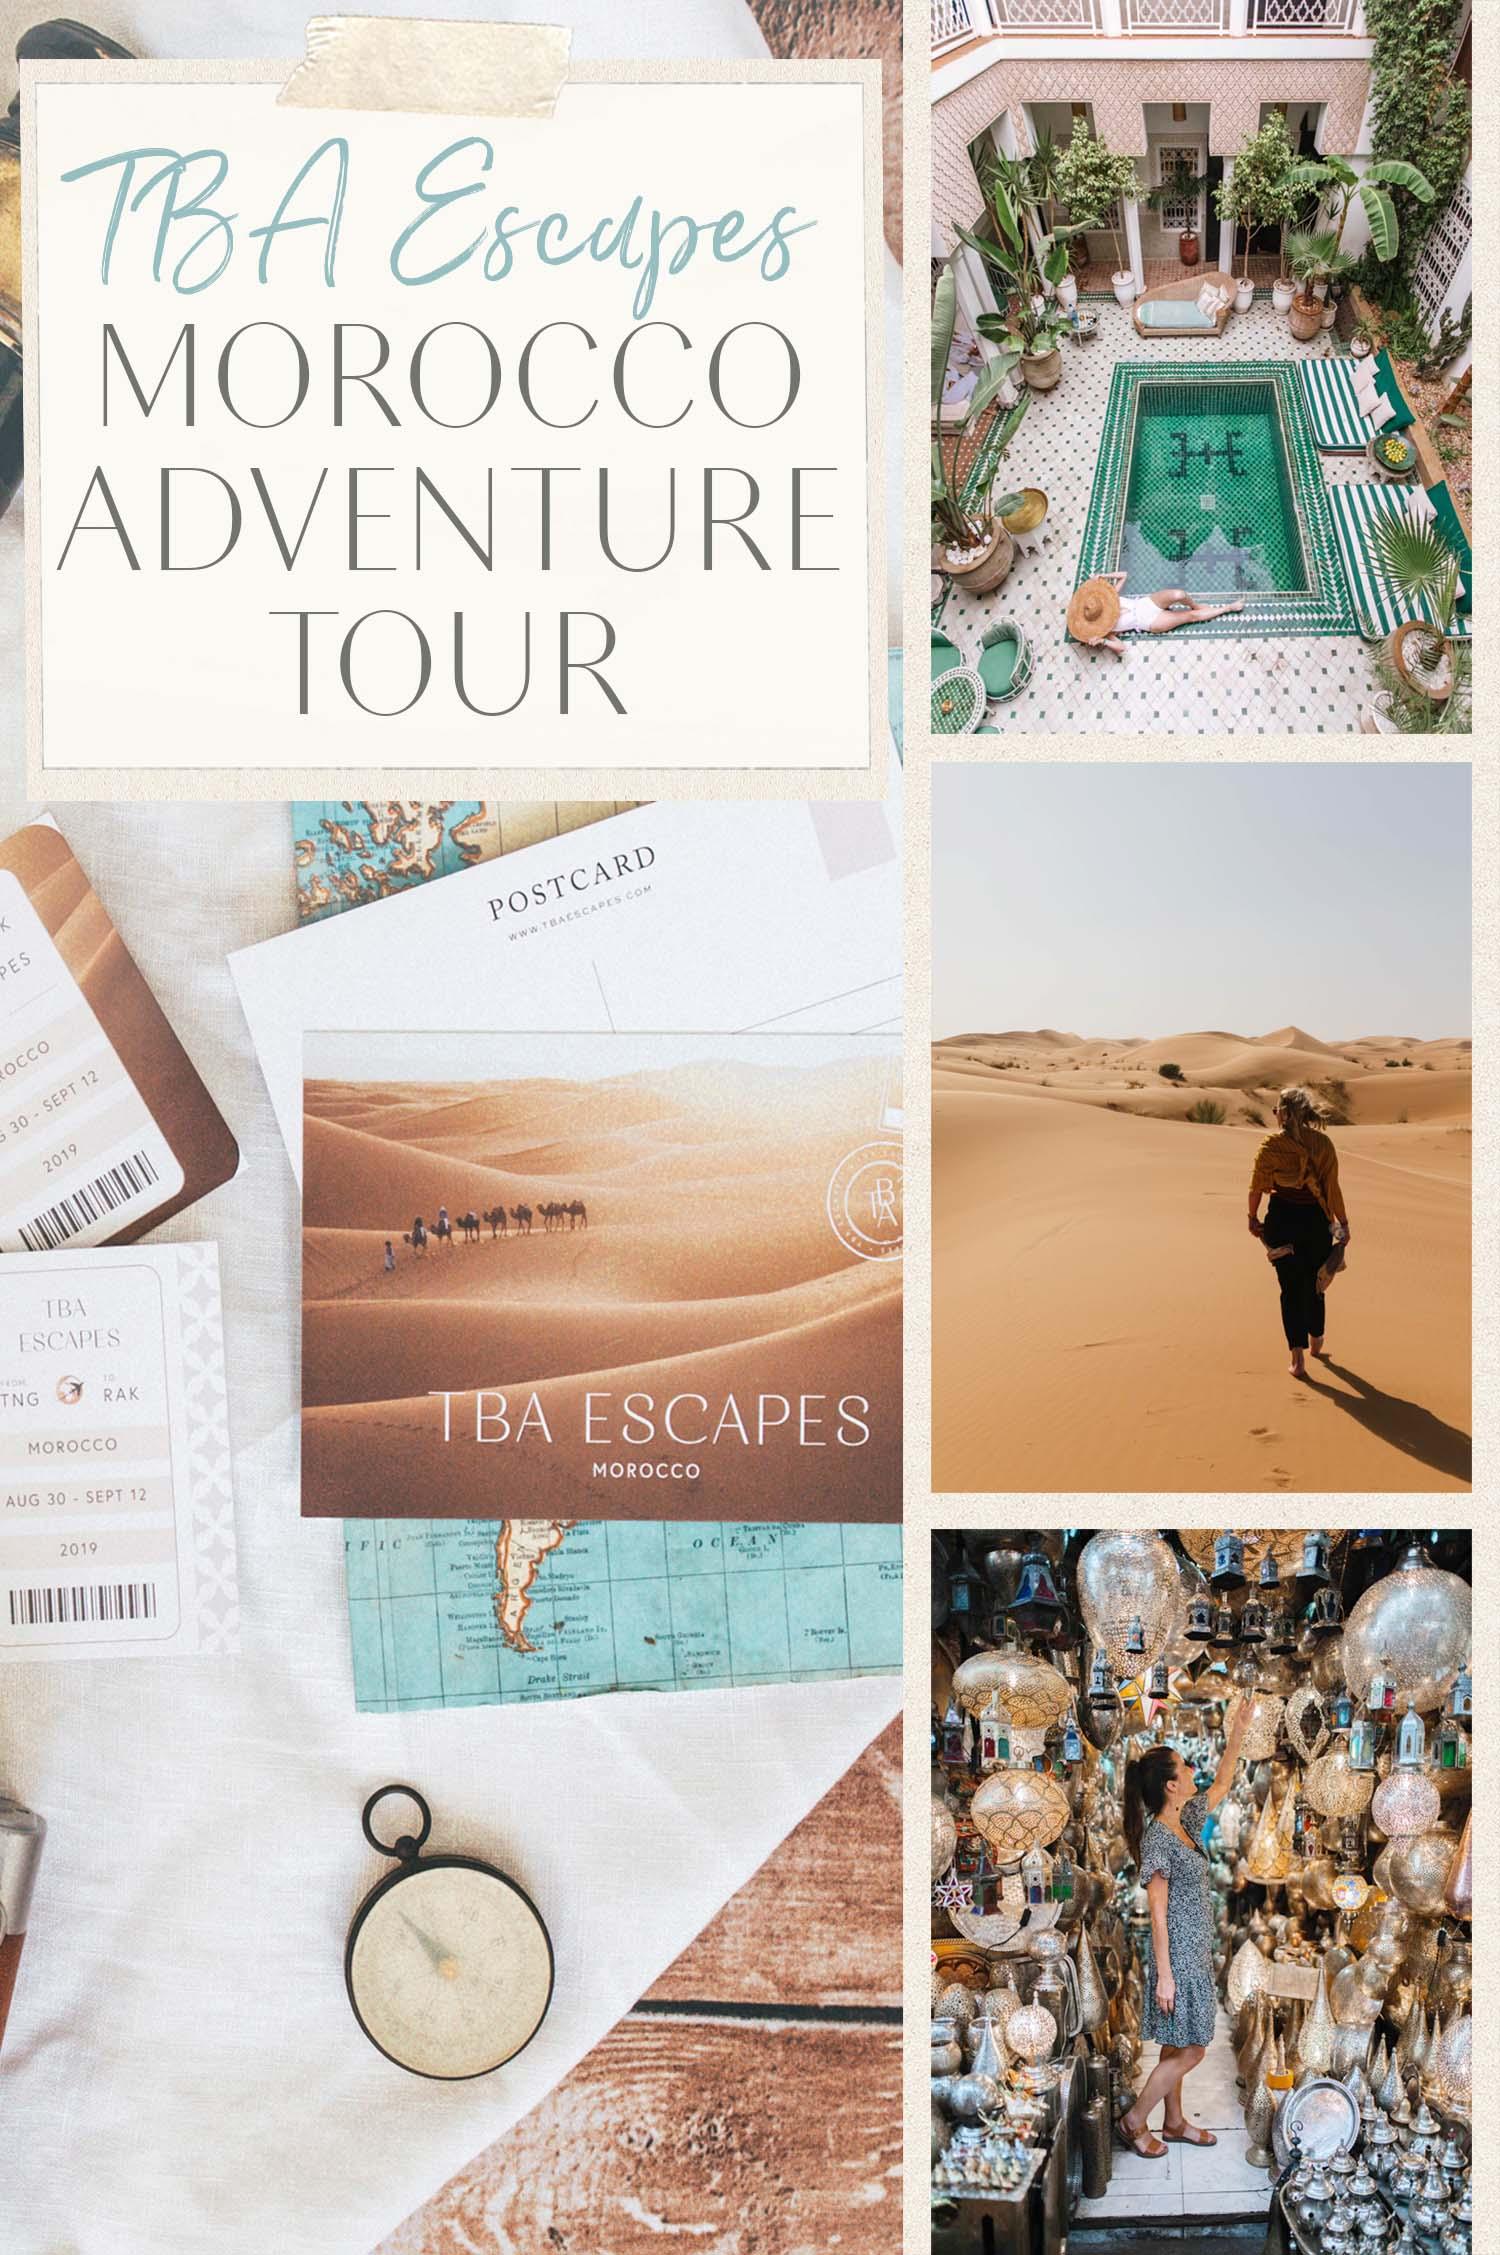 TBA Escapes Morocco Highlights Tour